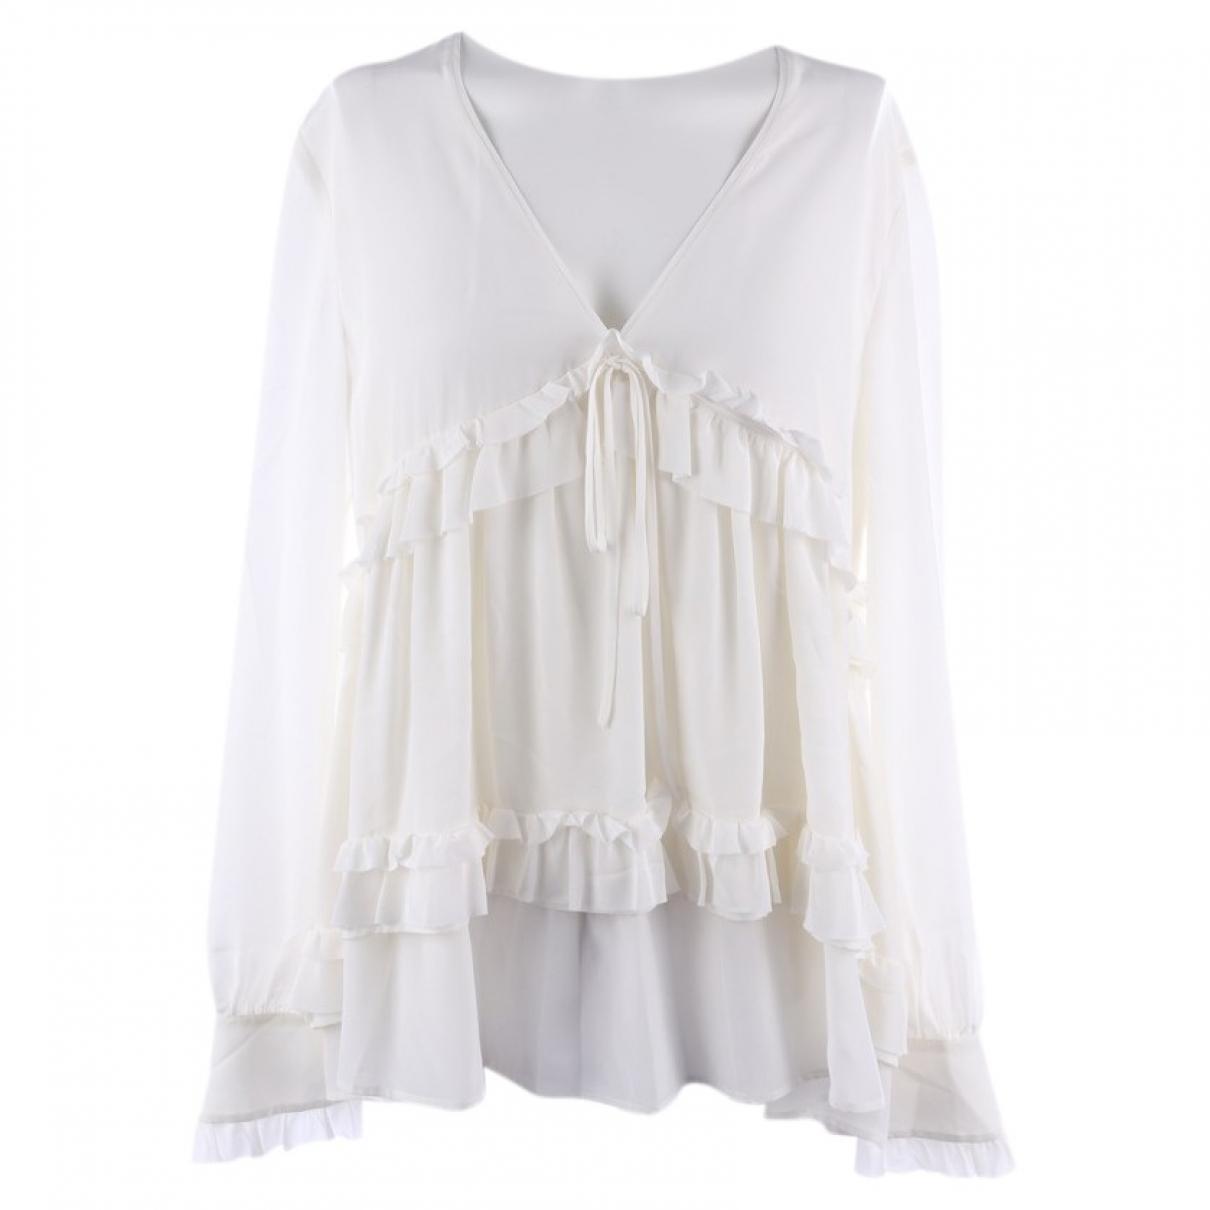 Sly010 - Top   pour femme en soie - blanc